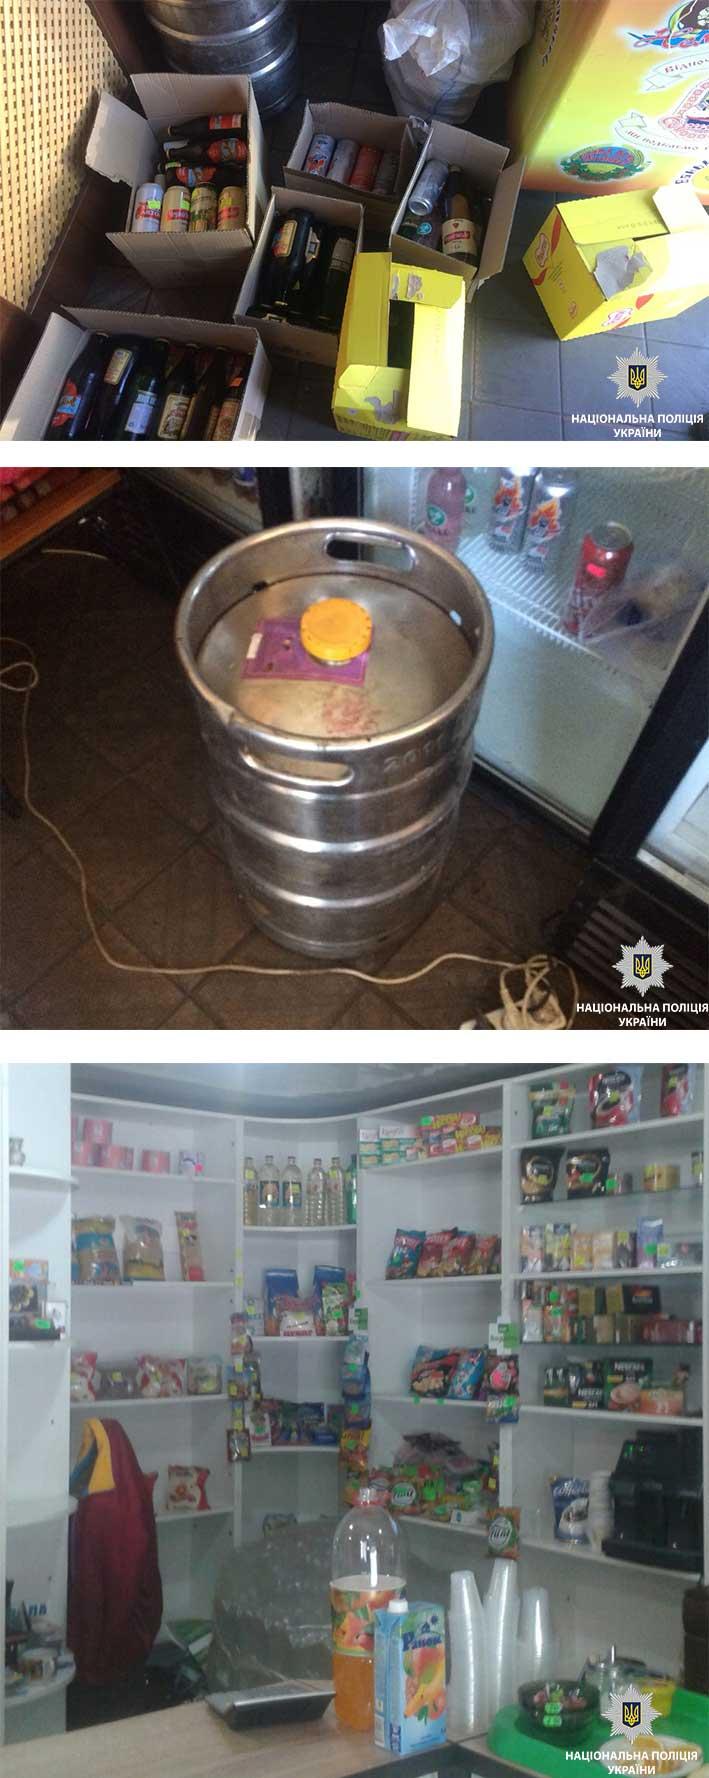 В Никополе полиция изъяла 600 литров алкоголя без лицензии